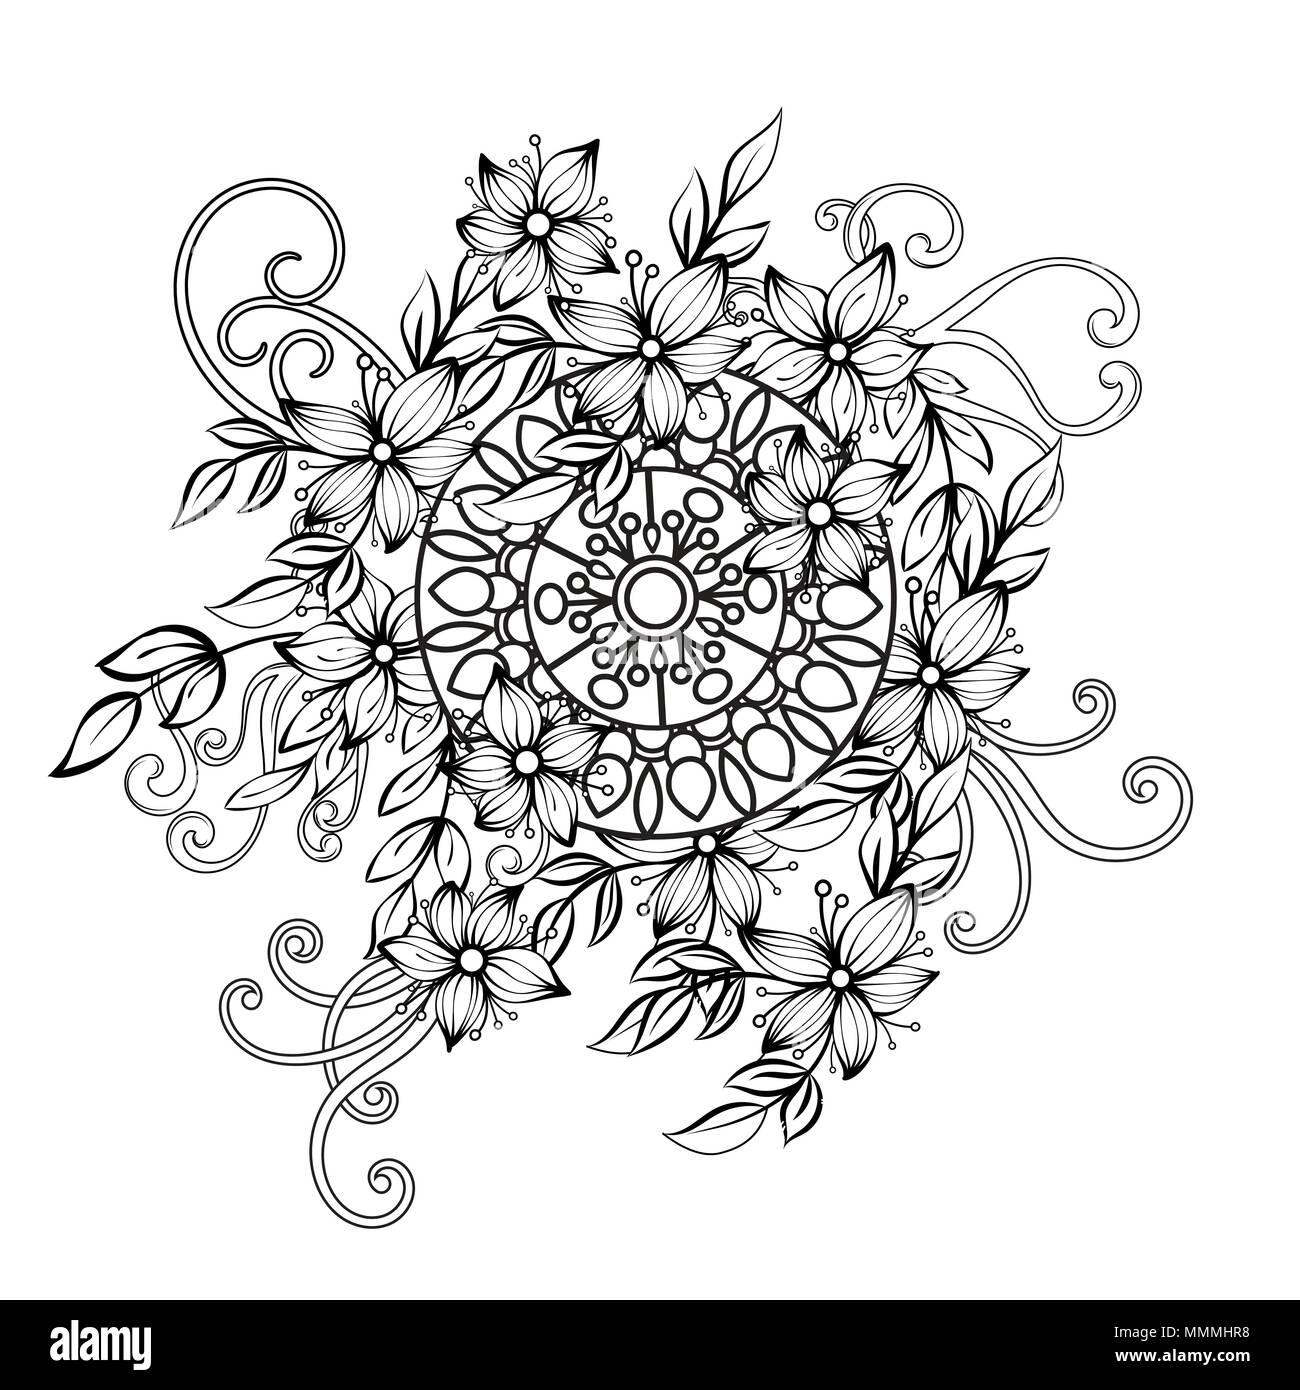 Motif Floral En Noir Et Blanc Livre De Coloriage Adultes Page Avec Fleurs Et Mandala L Art Therapie Anti Stress Page A Colorier Hand Drawn Vector Illustration Image Vectorielle Stock Alamy